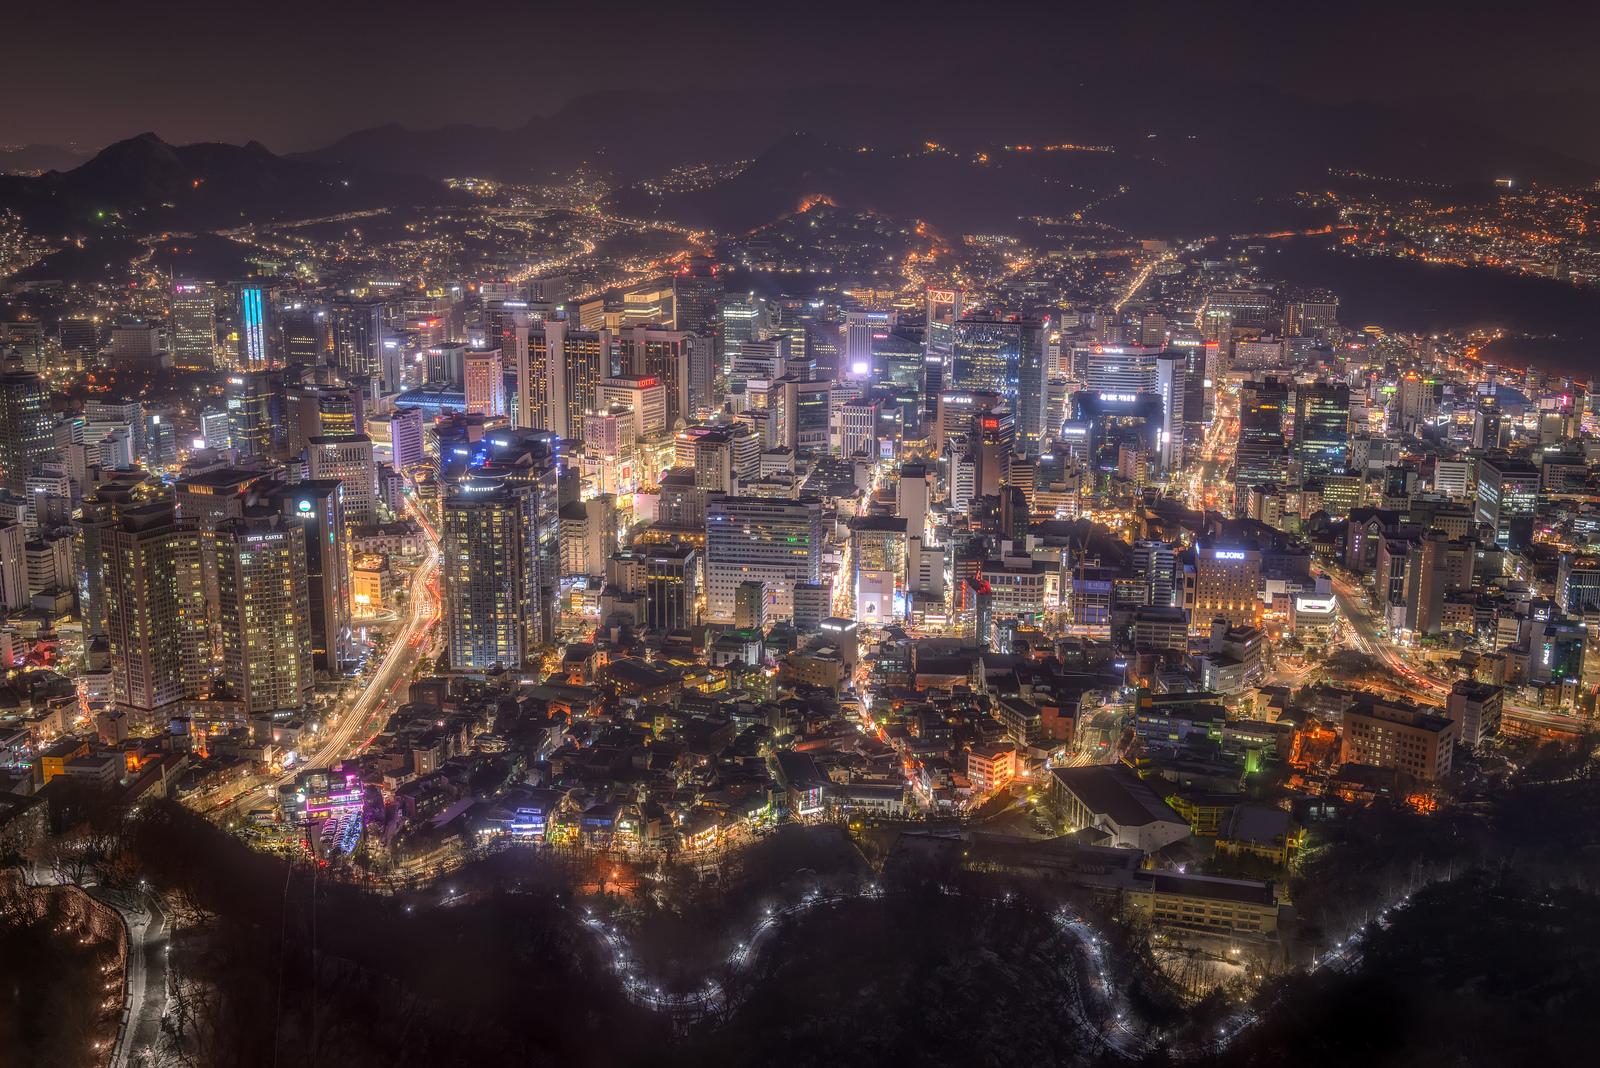 Сегодня мы посмотрим на город Сеул в Южной Корее (22 фото)